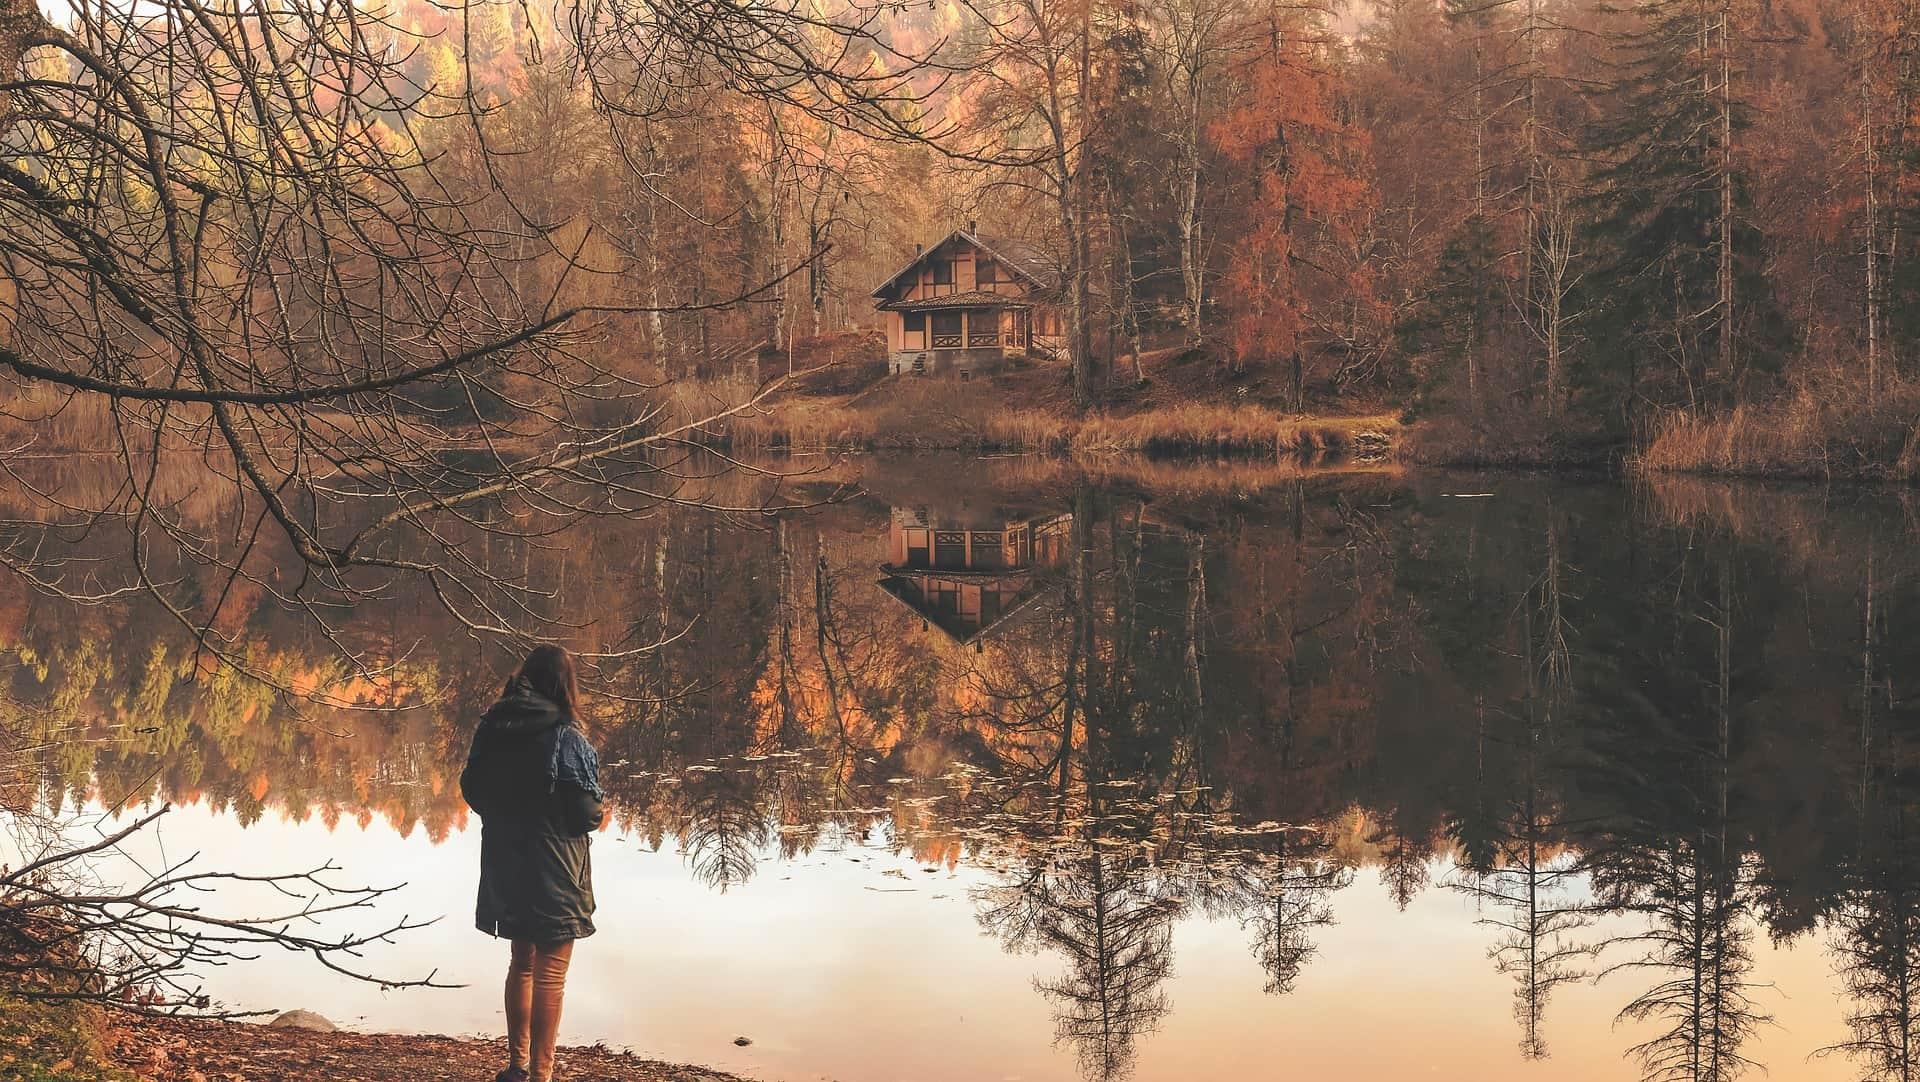 Naturehouse: case vacanza per dormire nella natura e ritrovare se stessi